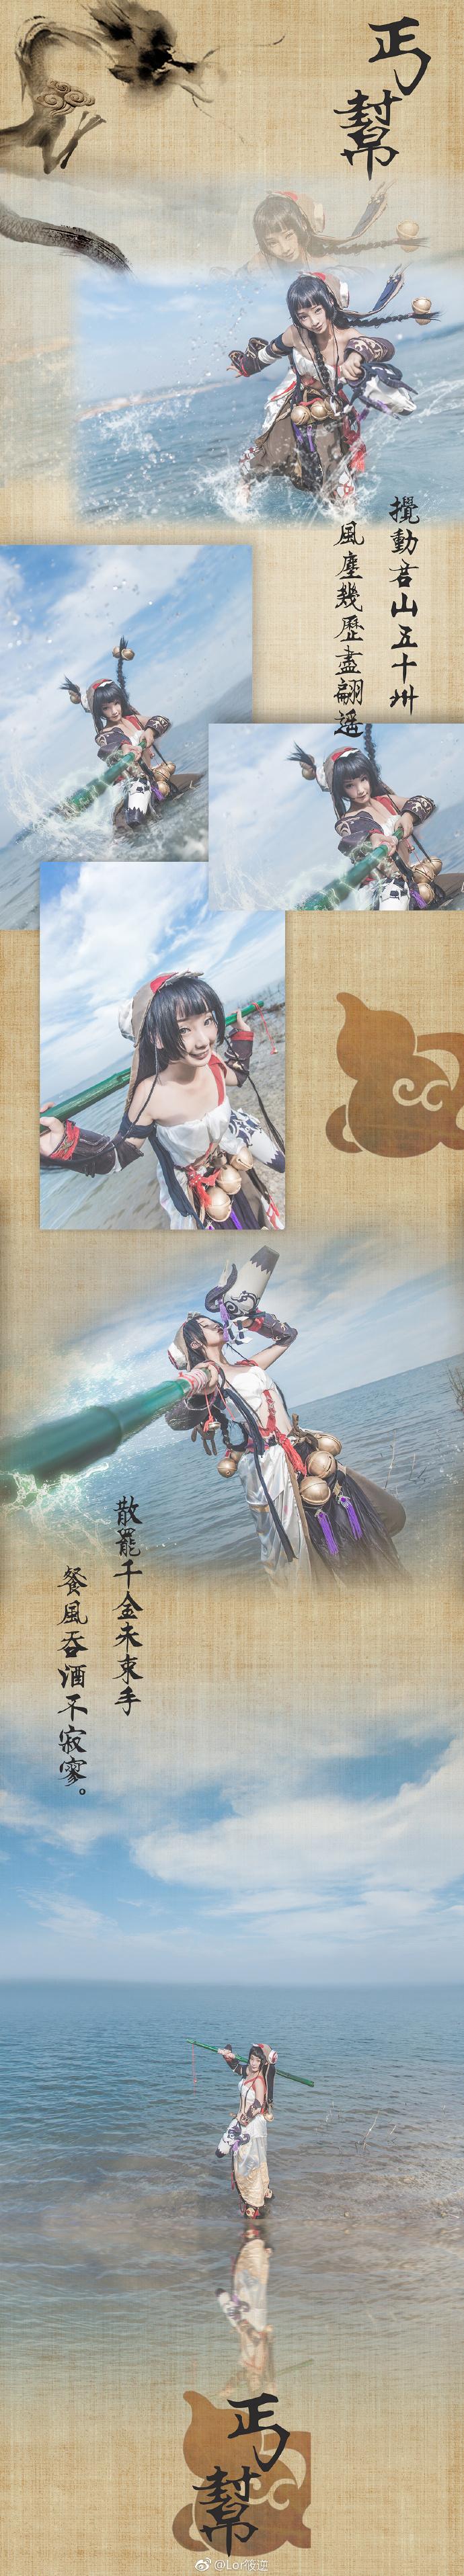 《劍網三》丐蘿cosplay  @Lor筱逆 - COSPLAY -